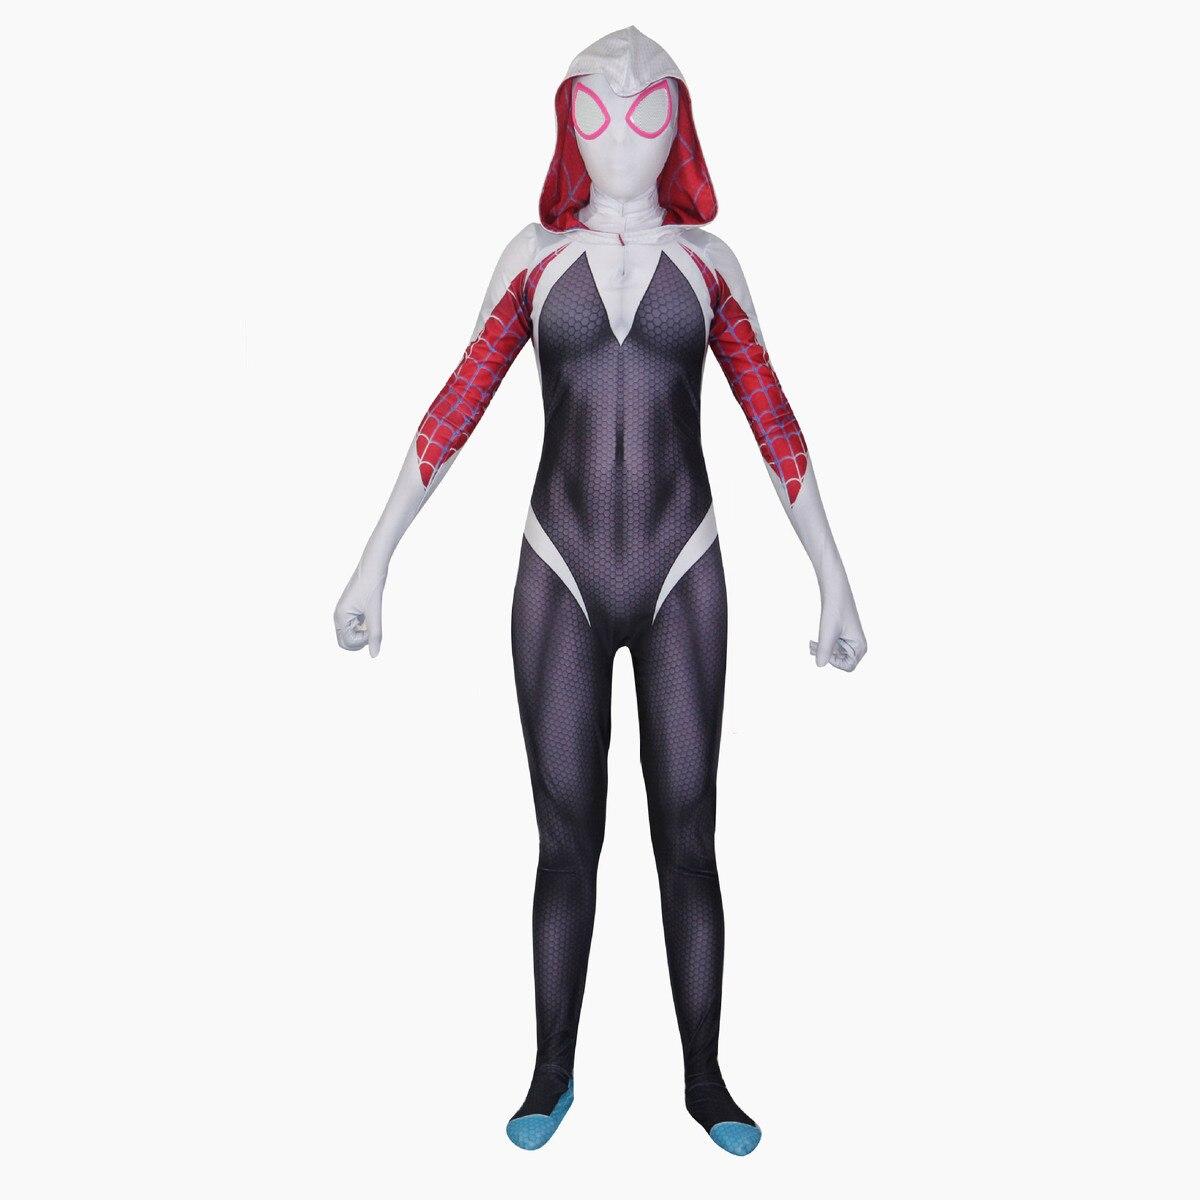 3d Stampa Spider Gwen Stacy Spandex Di Lycra Zentai Spiderman Costume Per Halloween E Cosplay Femminile Spider Suit Anti-venom Gwen Avere Uno Stile Nazionale Unico